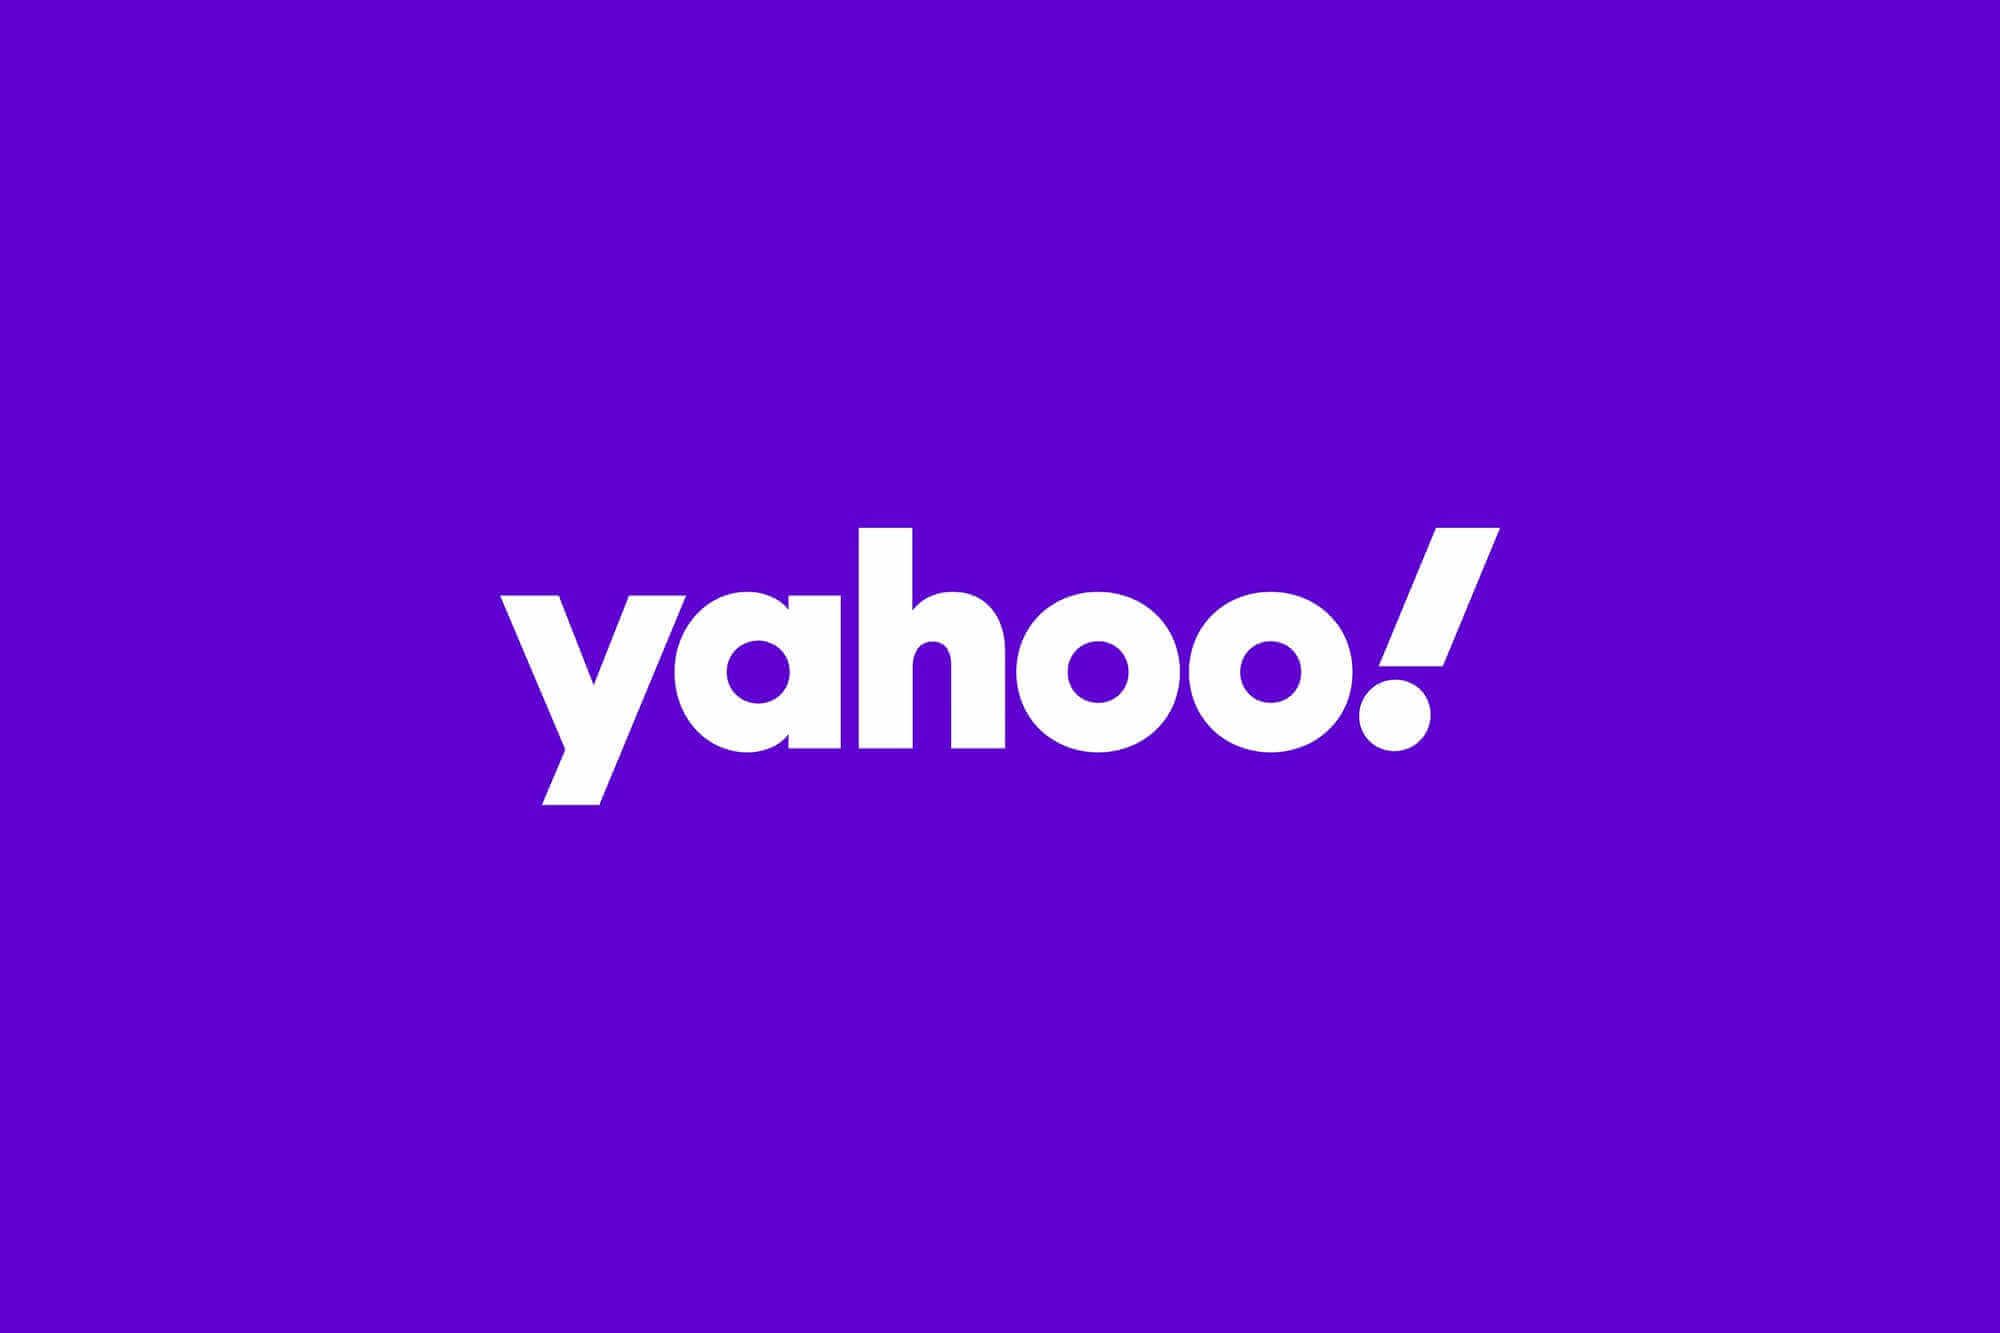 Logotipo Yahoo 2019